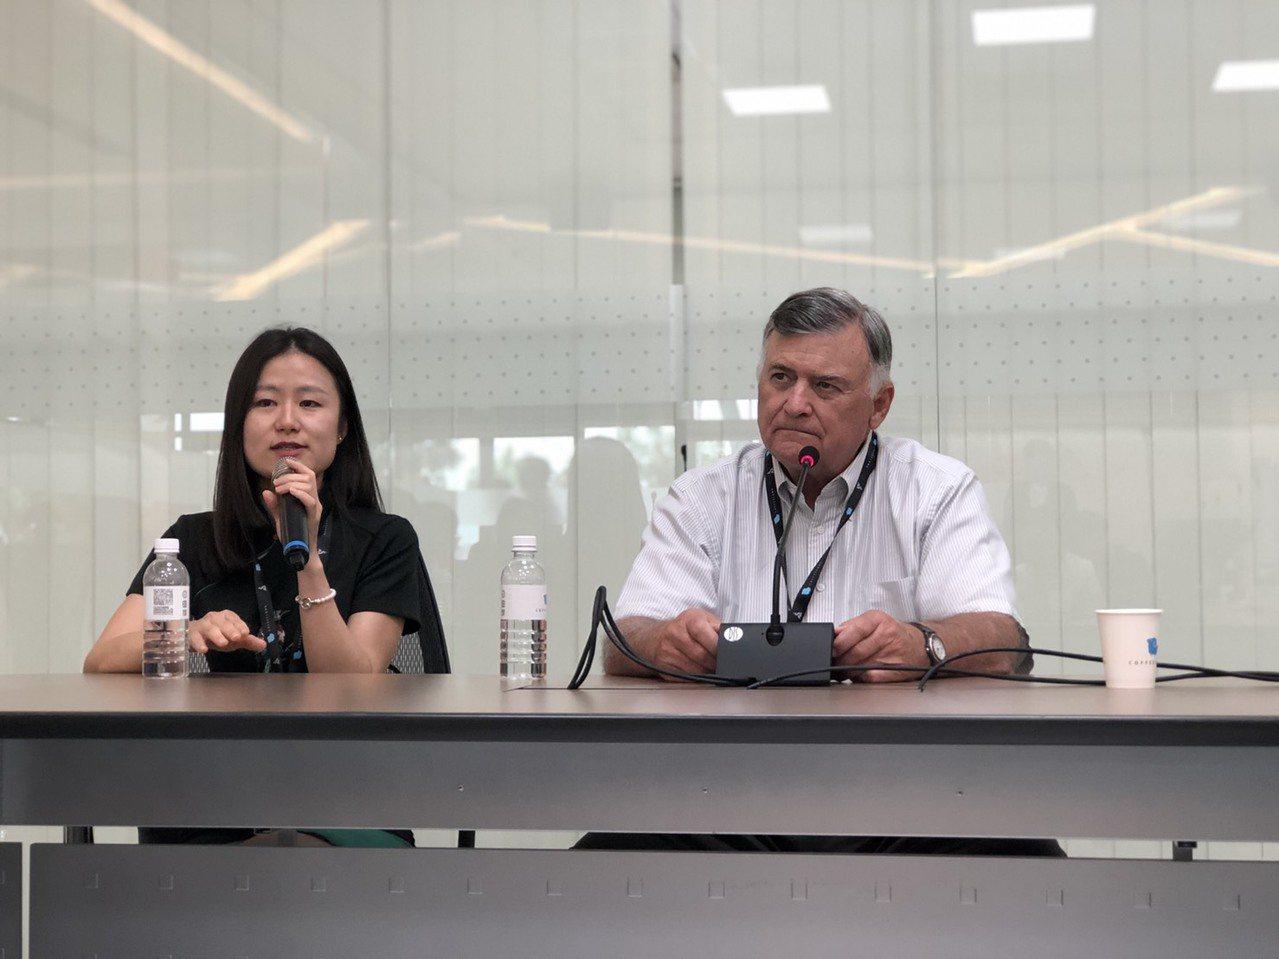 美國精品咖啡協會和咖啡品質創始人泰德林格肯定台灣咖啡很有特色。記者江良誠/攝影